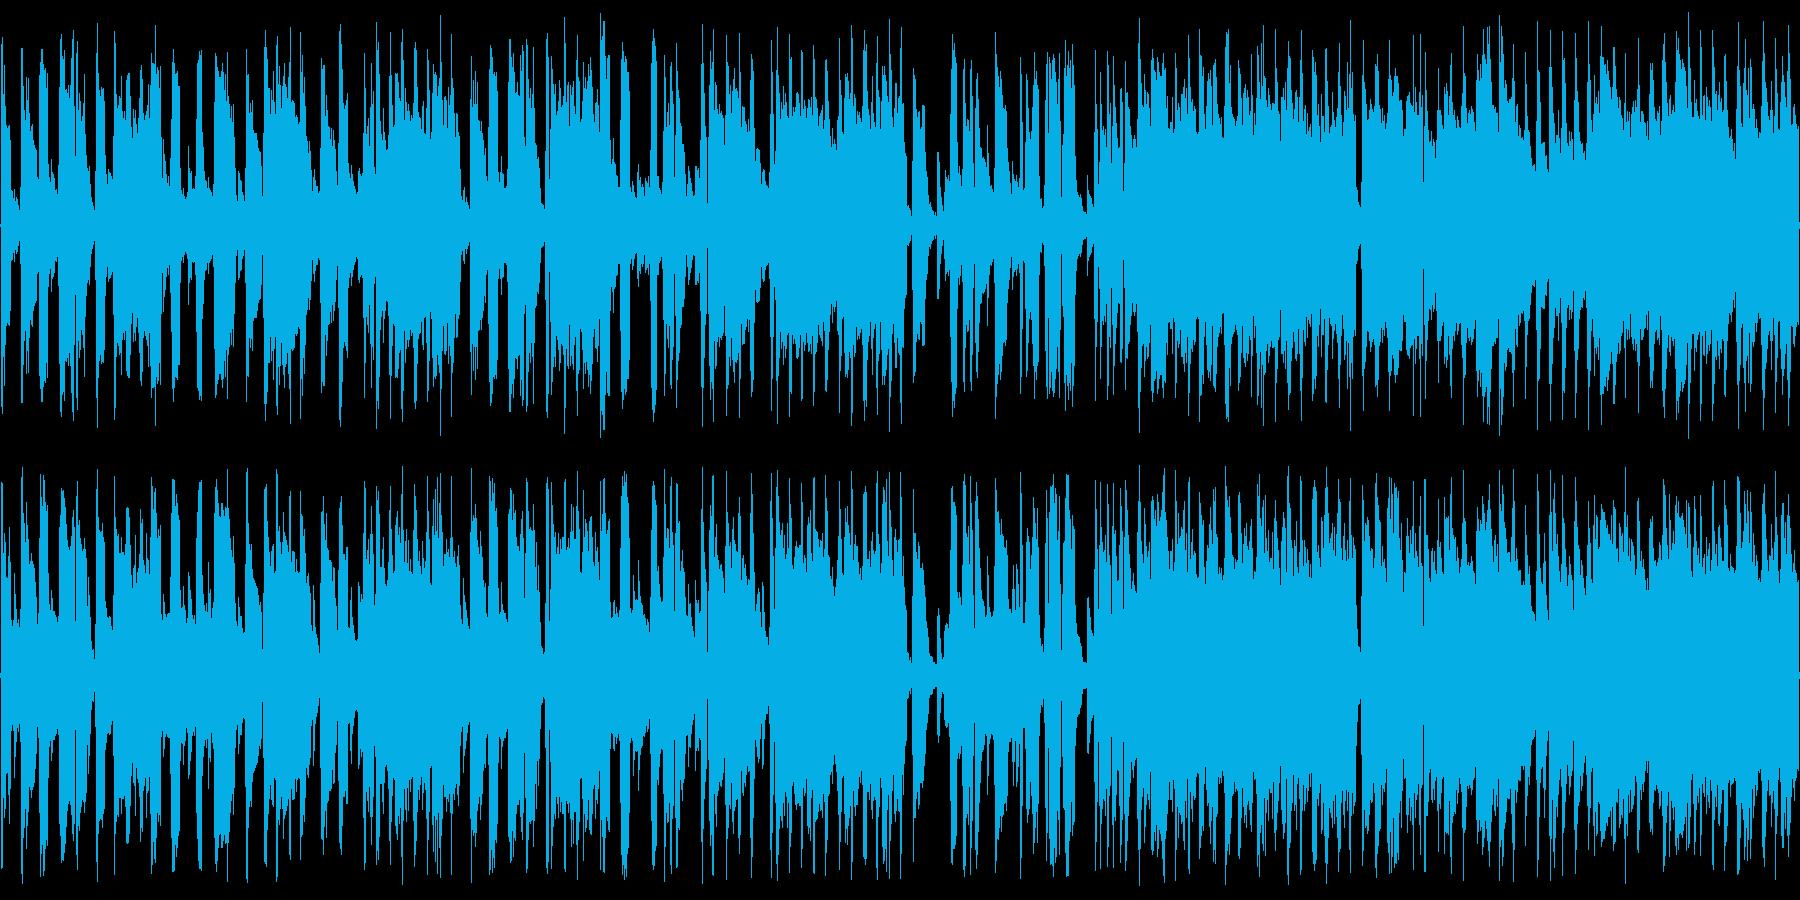 ジャズピアノ3拍子のブルース ループの再生済みの波形